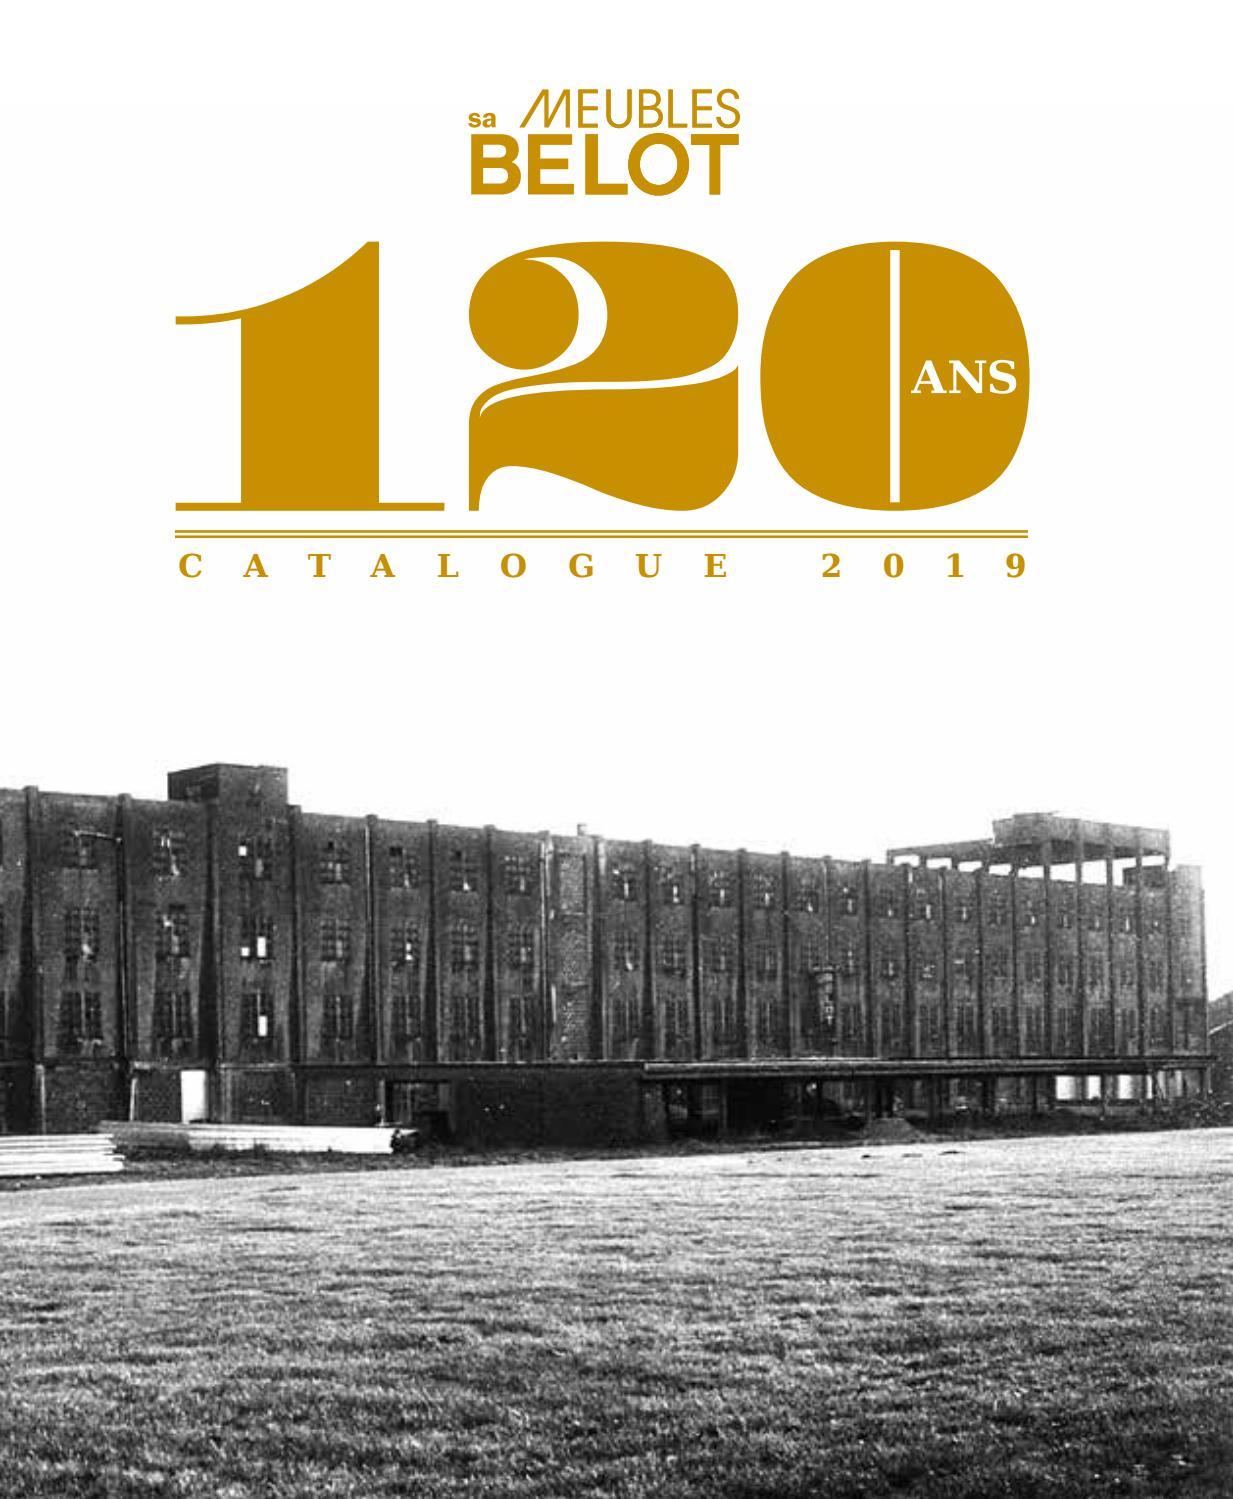 Meubles Belot Catalogue 2019 Special 120 Ans By Meubles Belot Sa Issuu